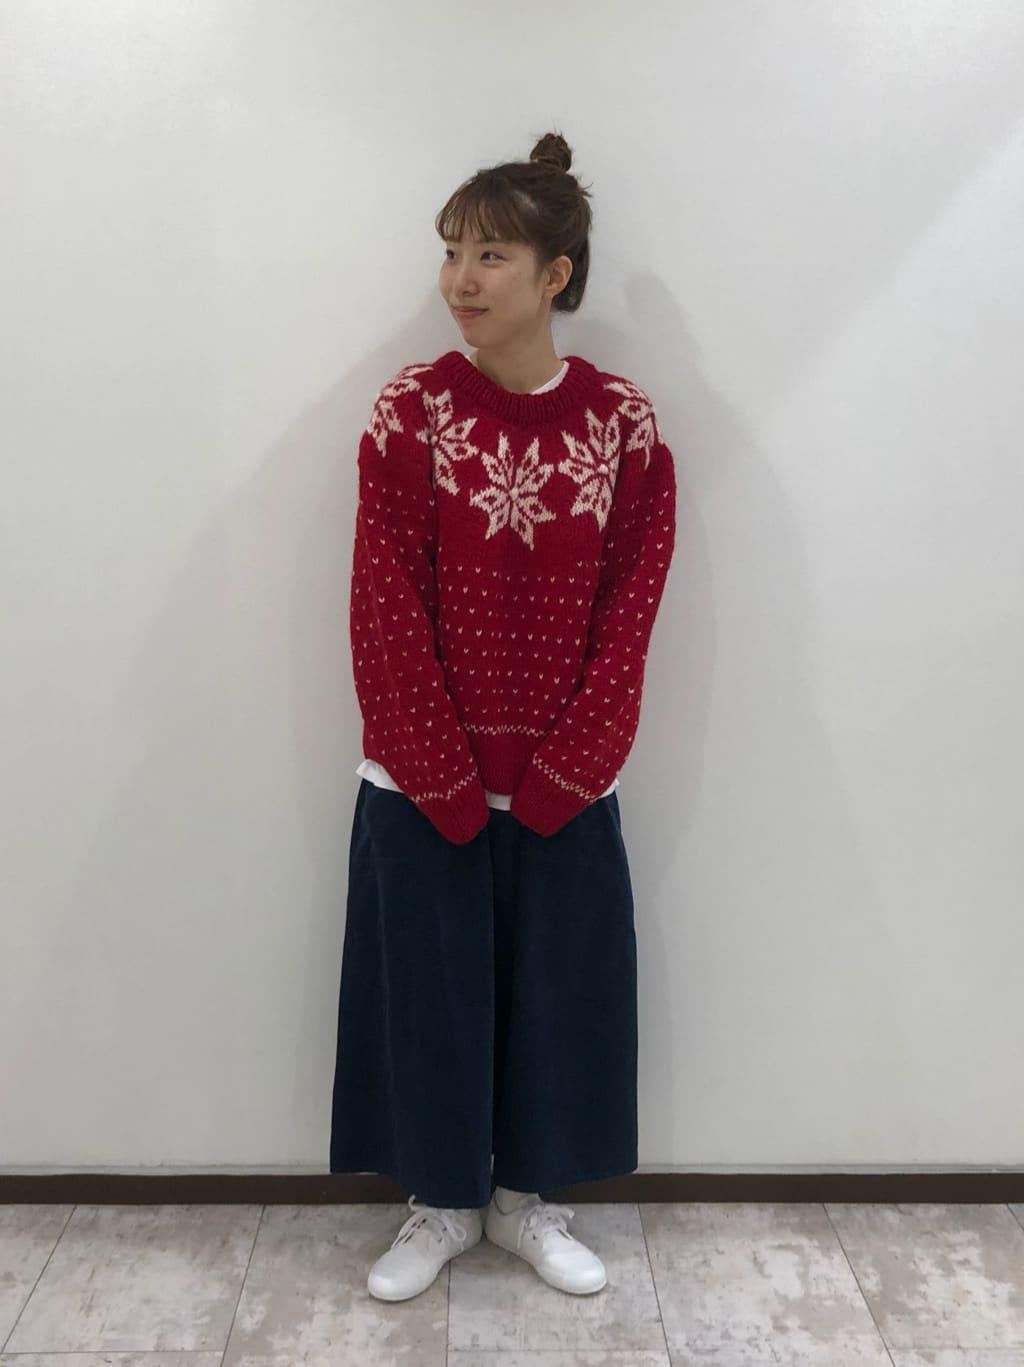 - CHILD WOMAN CHILD WOMAN , PAR ICI 新宿ミロード 身長:159cm 2021.10.02